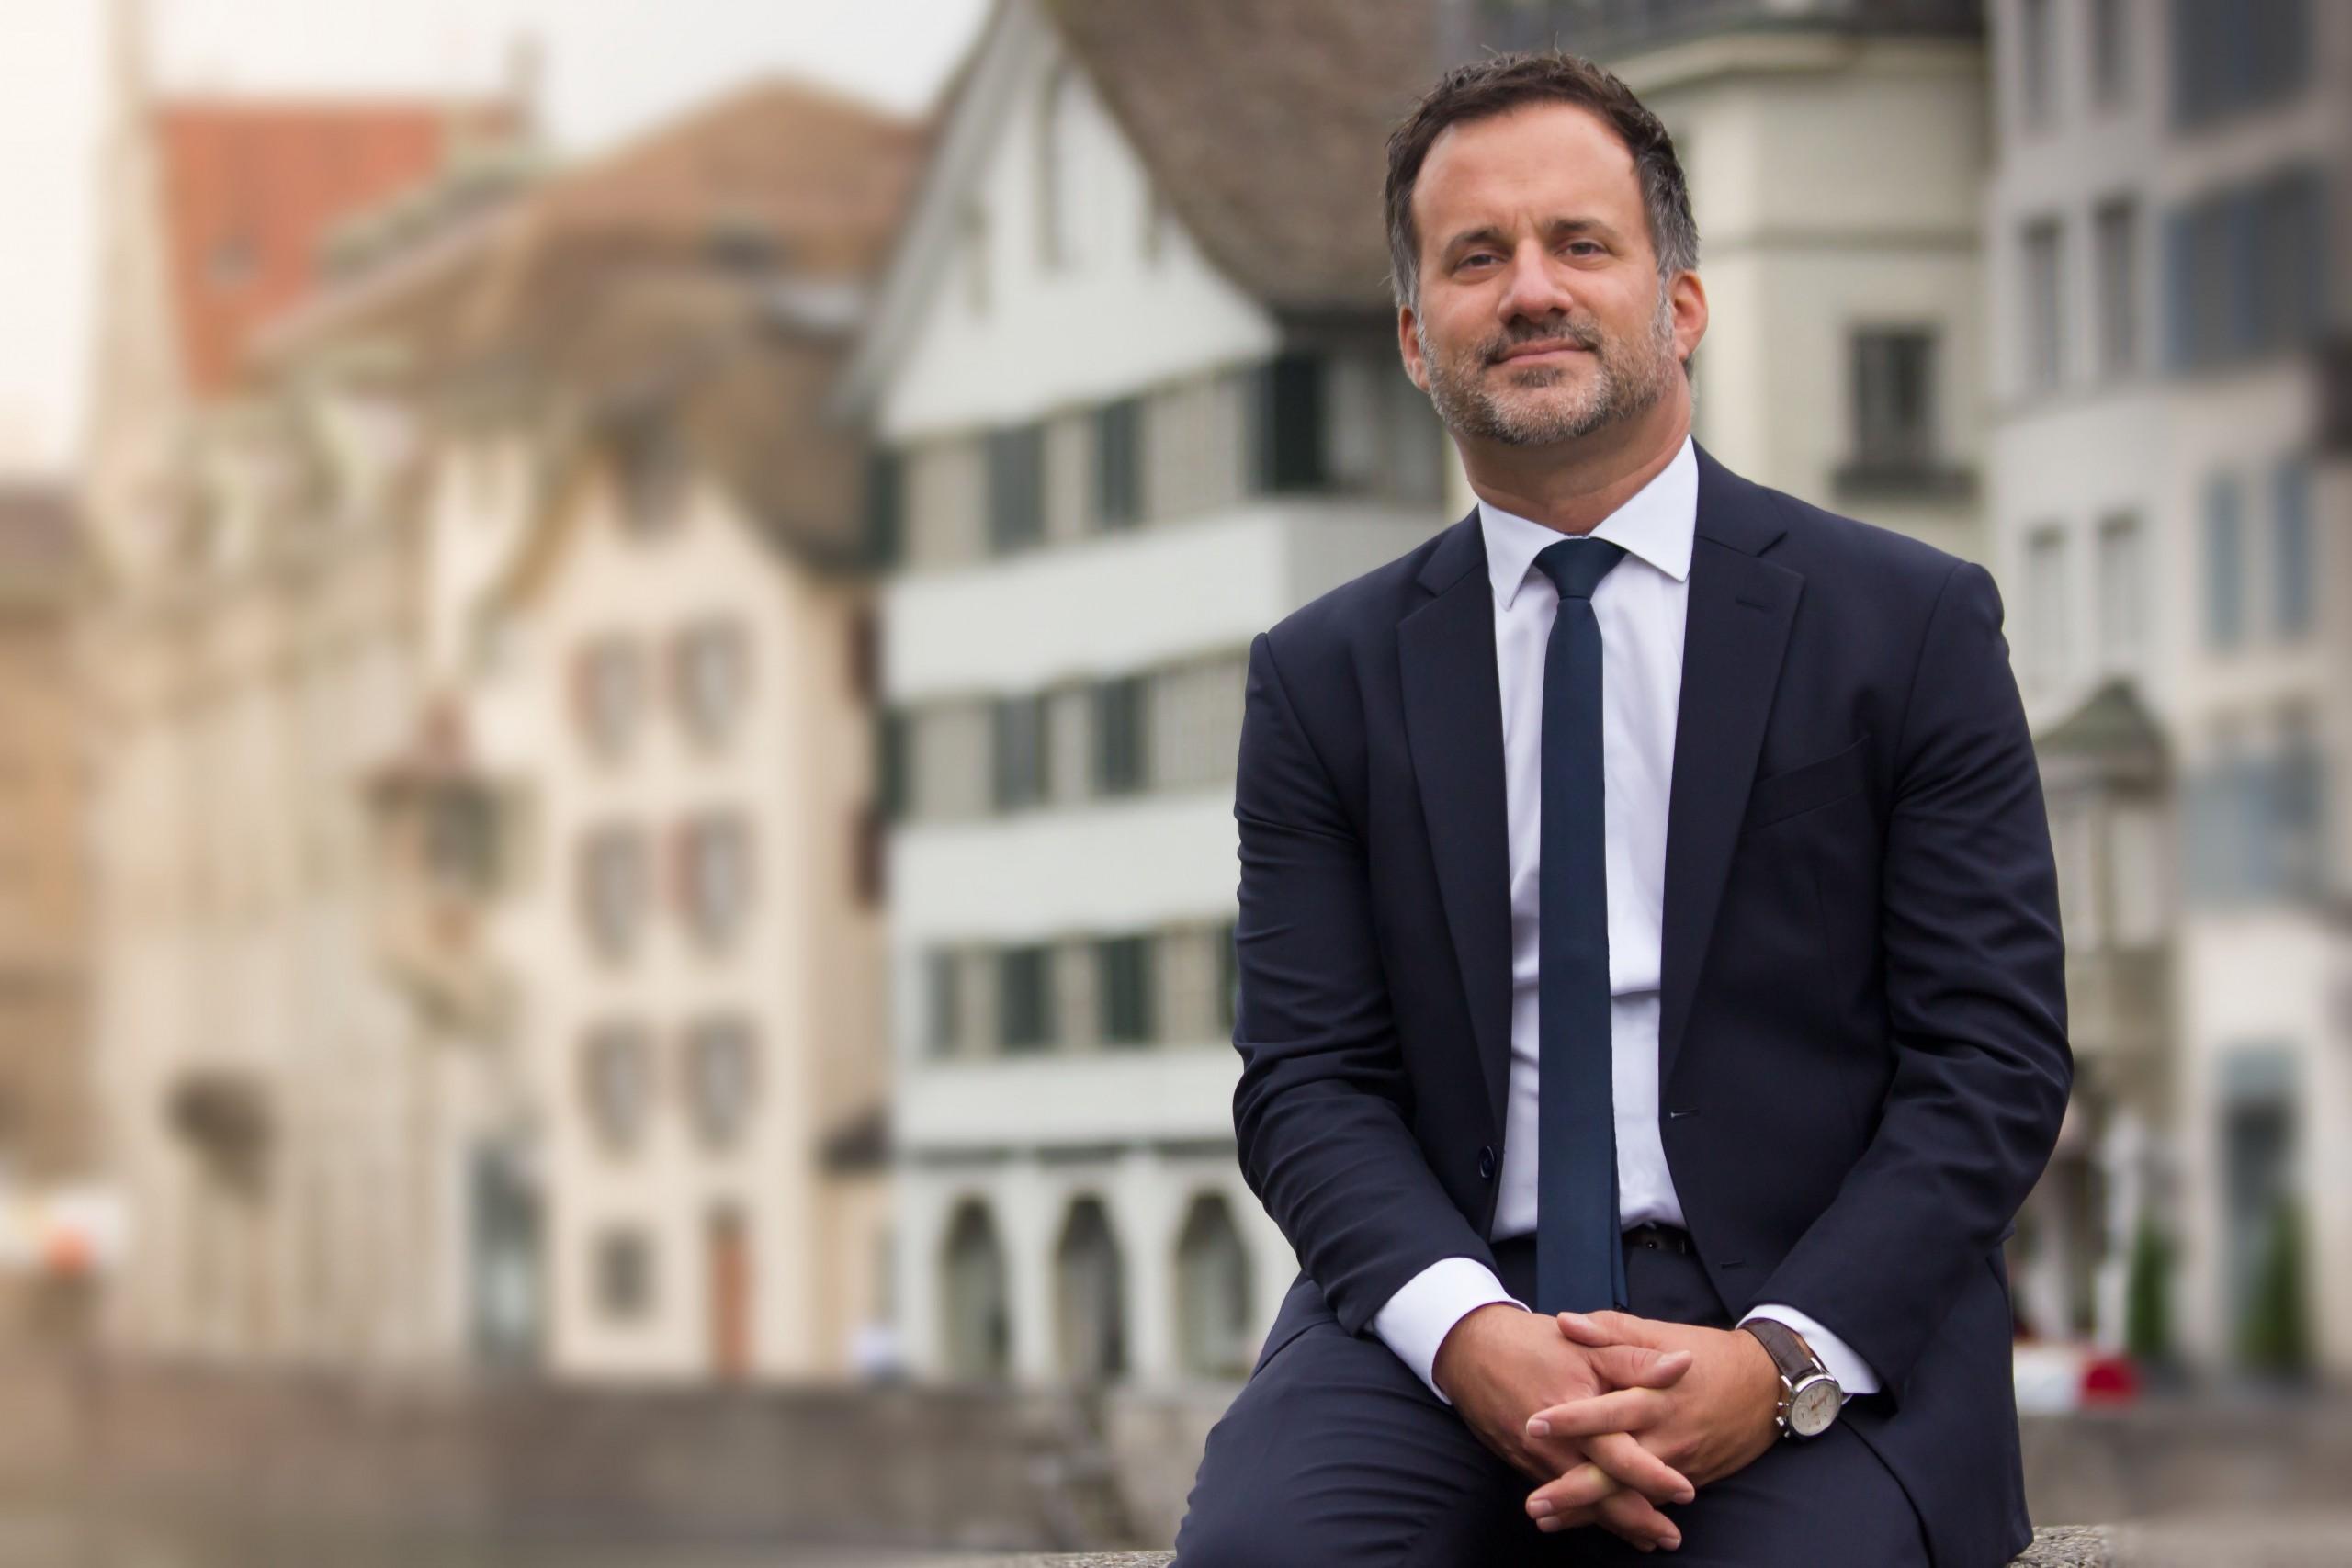 Christoph Meyer: Anwalt Mietrecht, Anwalt Strafrecht, Anwalt Familienrecht, Anwalt Arbeitsrecht, Anwalt Strassenverkehrsrecht, Anwalt Eheschutz, Anwalt Migrationsrecht